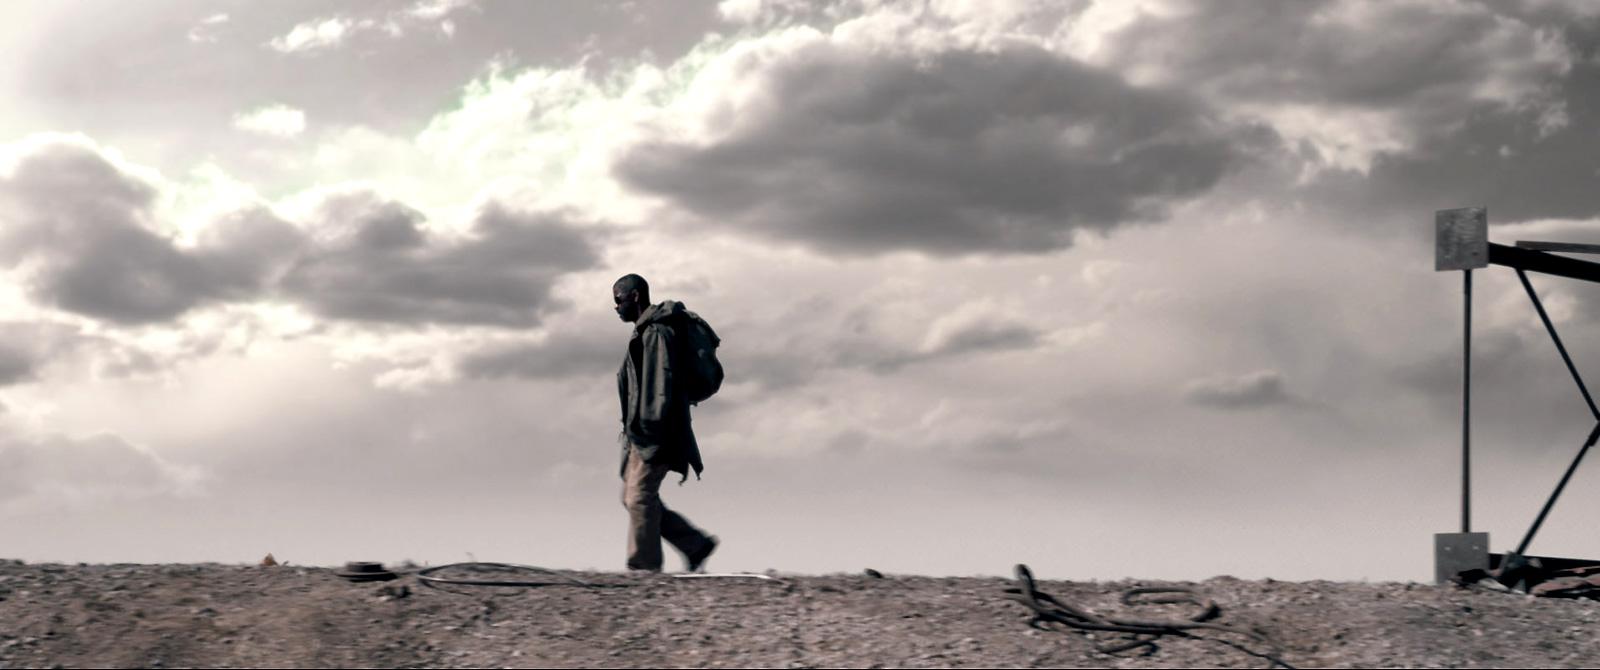 Photo du film Le Livre d'Eli - Photo 14 sur 42 - AlloCiné